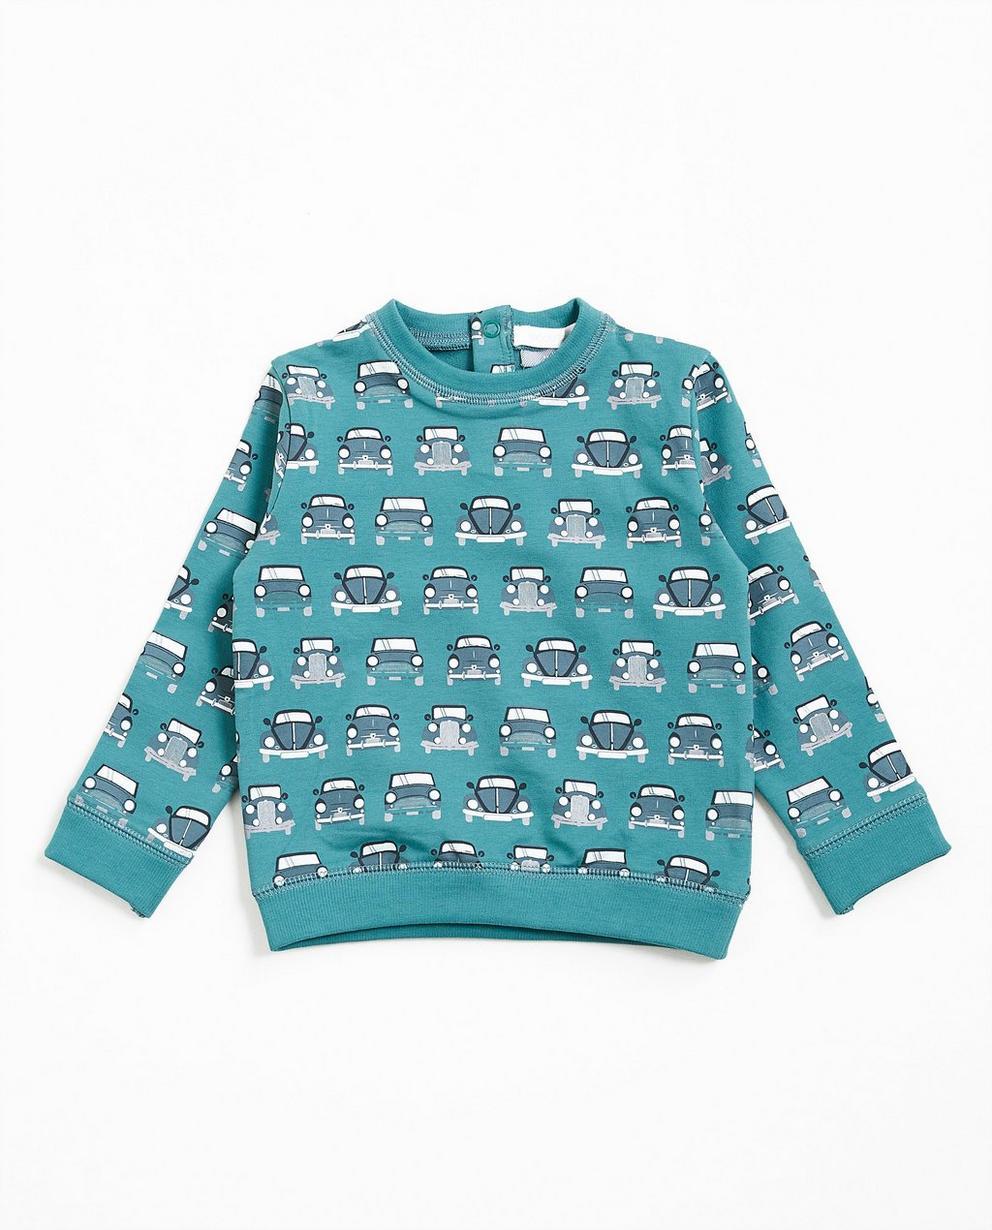 Sweater mit Autoprint - in Jadegrün, aus Biobaumwolle - JBC